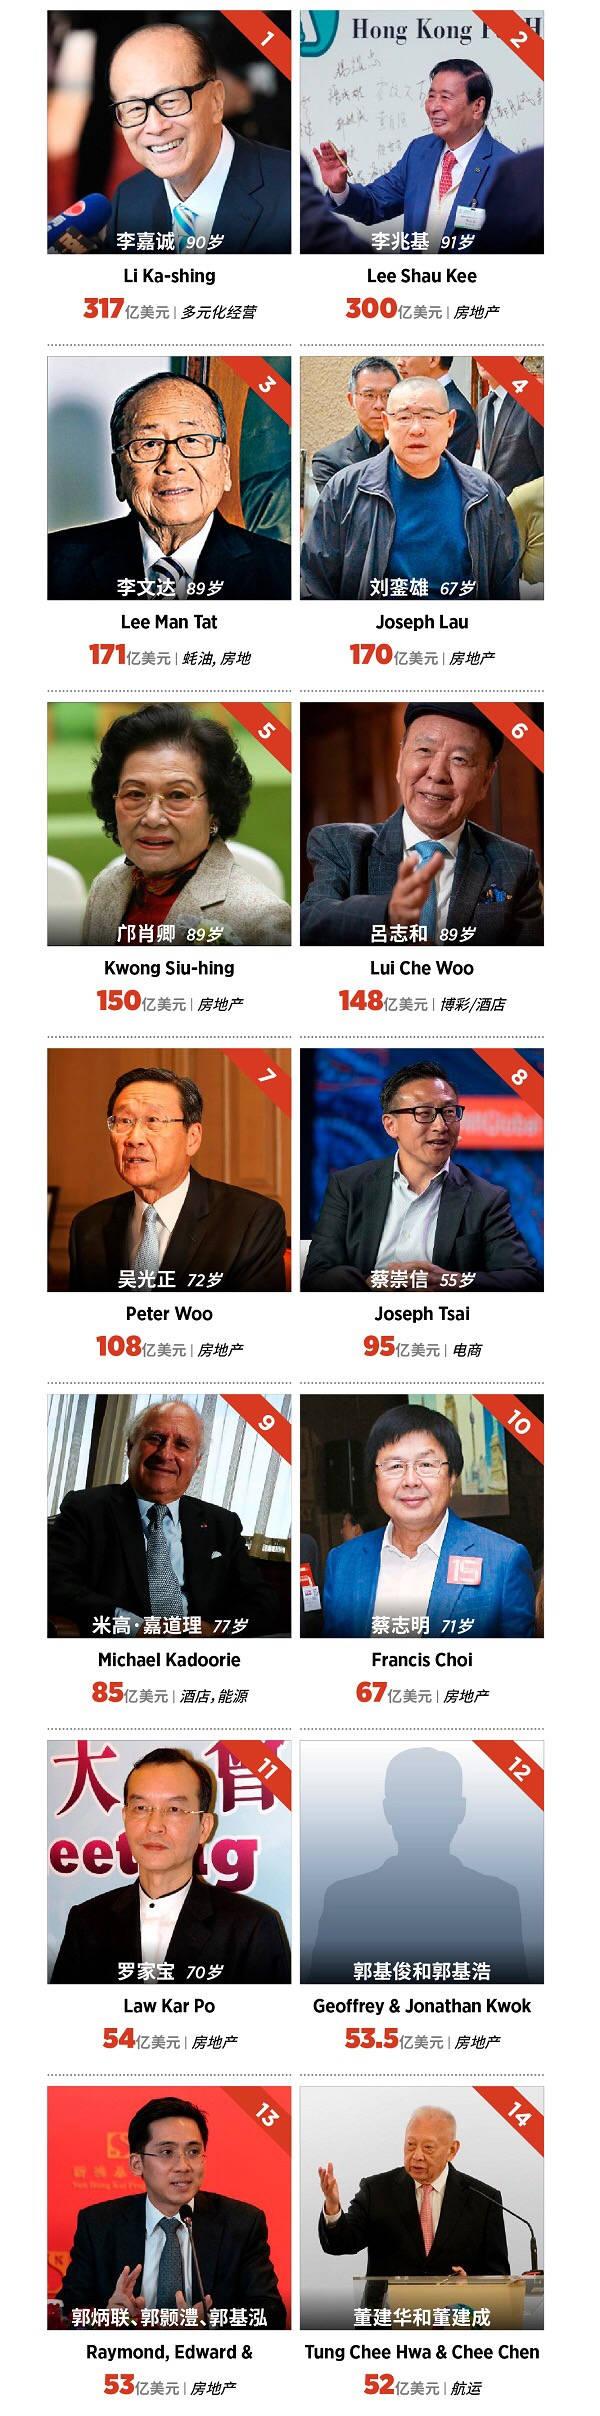 2019福布斯香港富豪榜发布 近半数大佬资产缩水